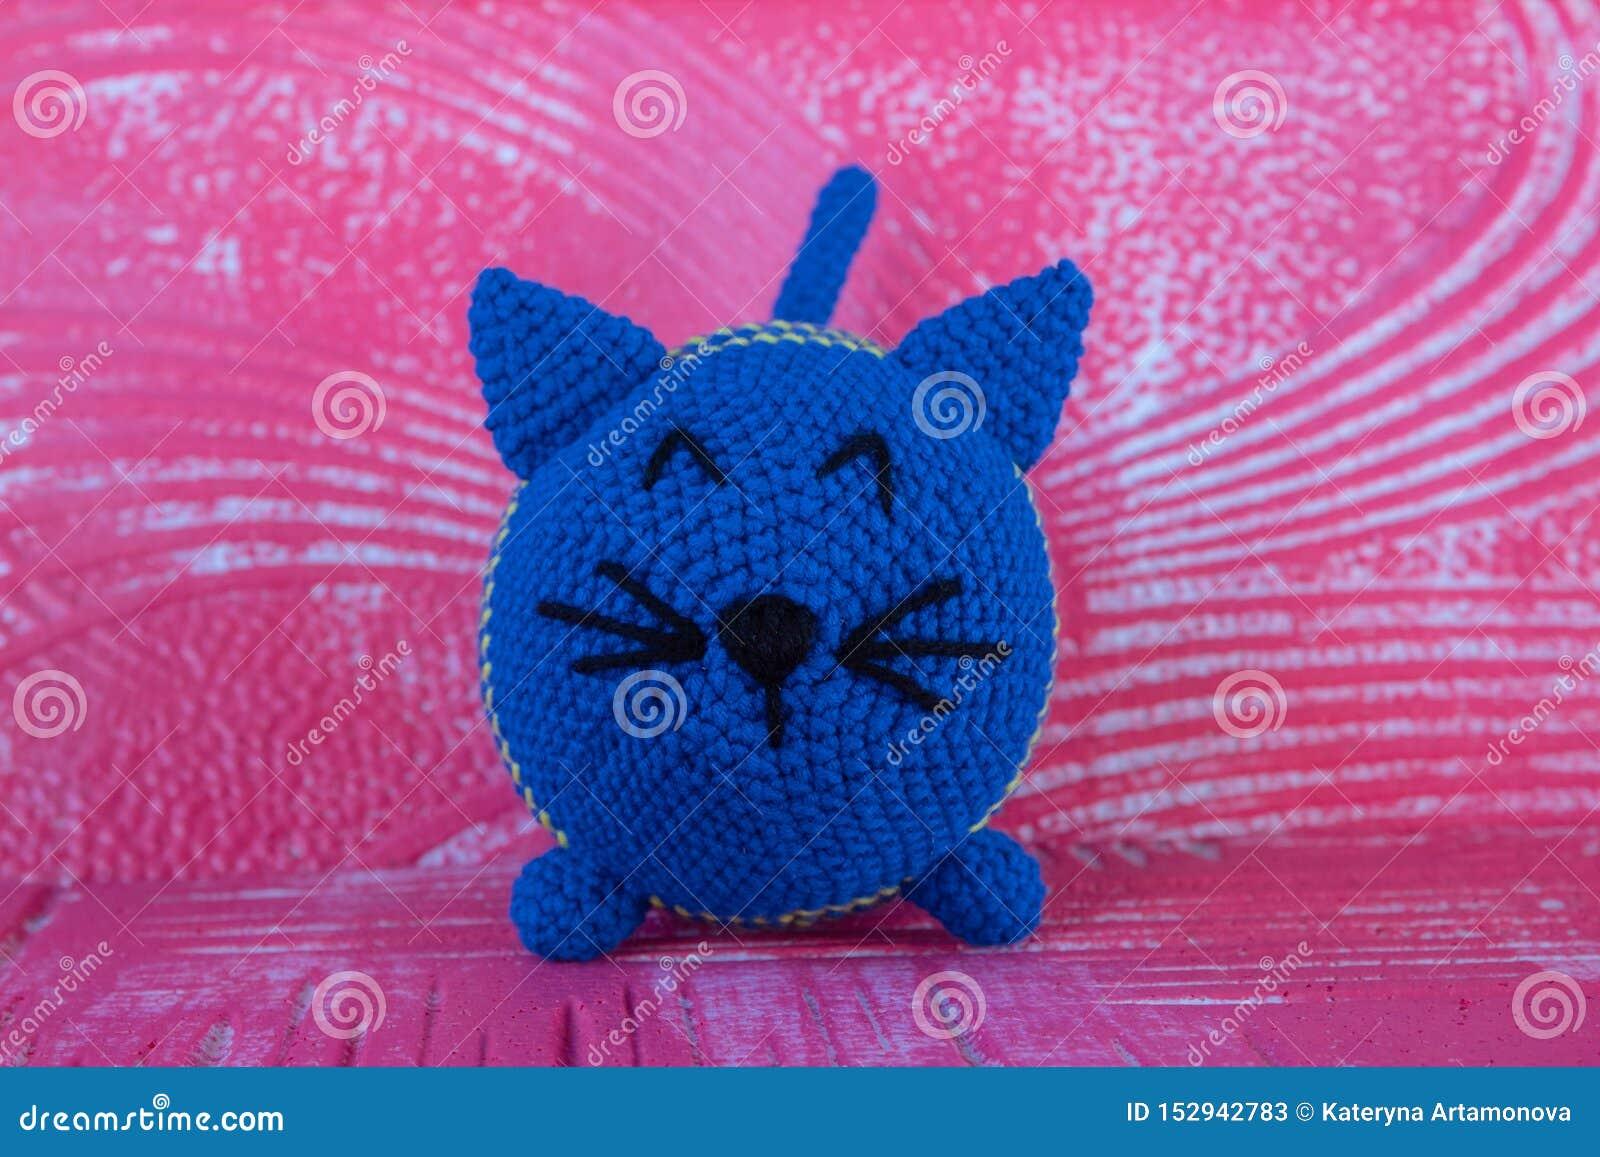 HELLO KITTY Knit Dolls & Sweater - Amigurumi /Japanese Crochet ... | 1155x1600